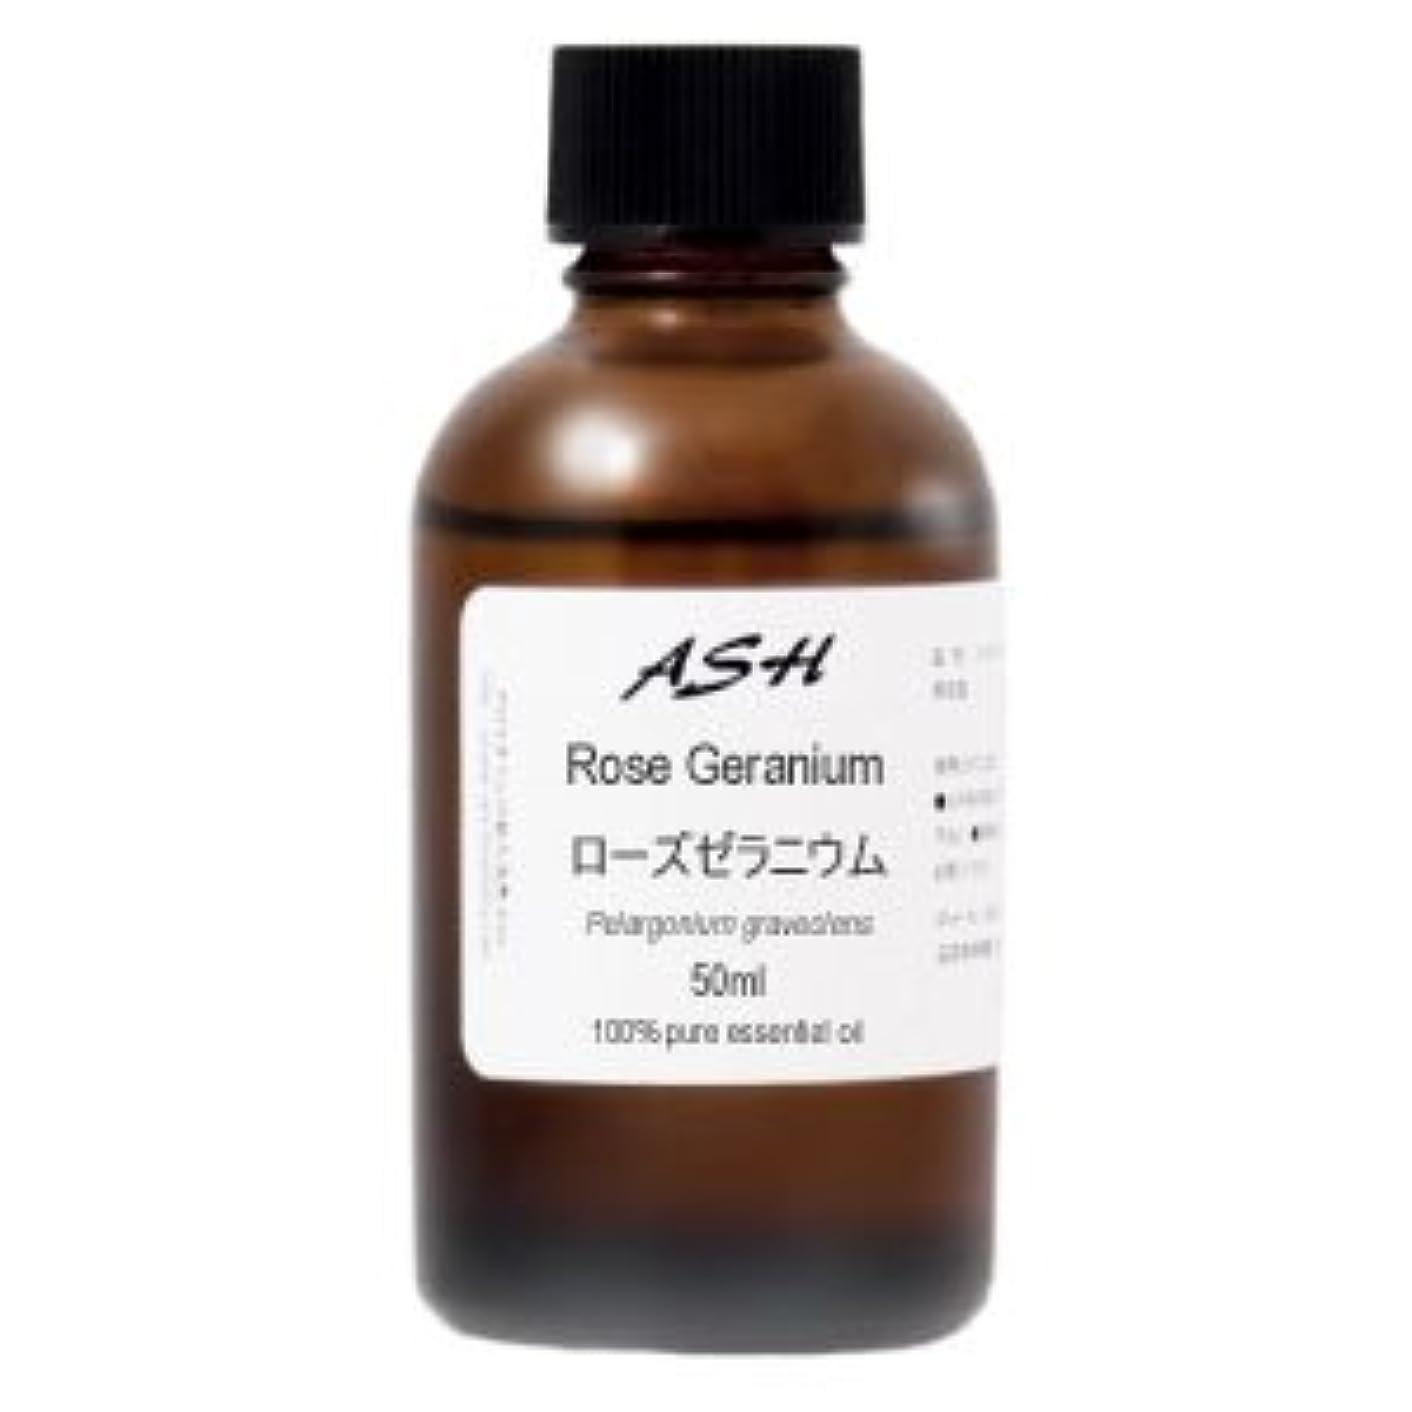 軽蔑添加嫌がらせASH ローズゼラニウム エッセンシャルオイル 50ml AEAJ表示基準適合認定精油